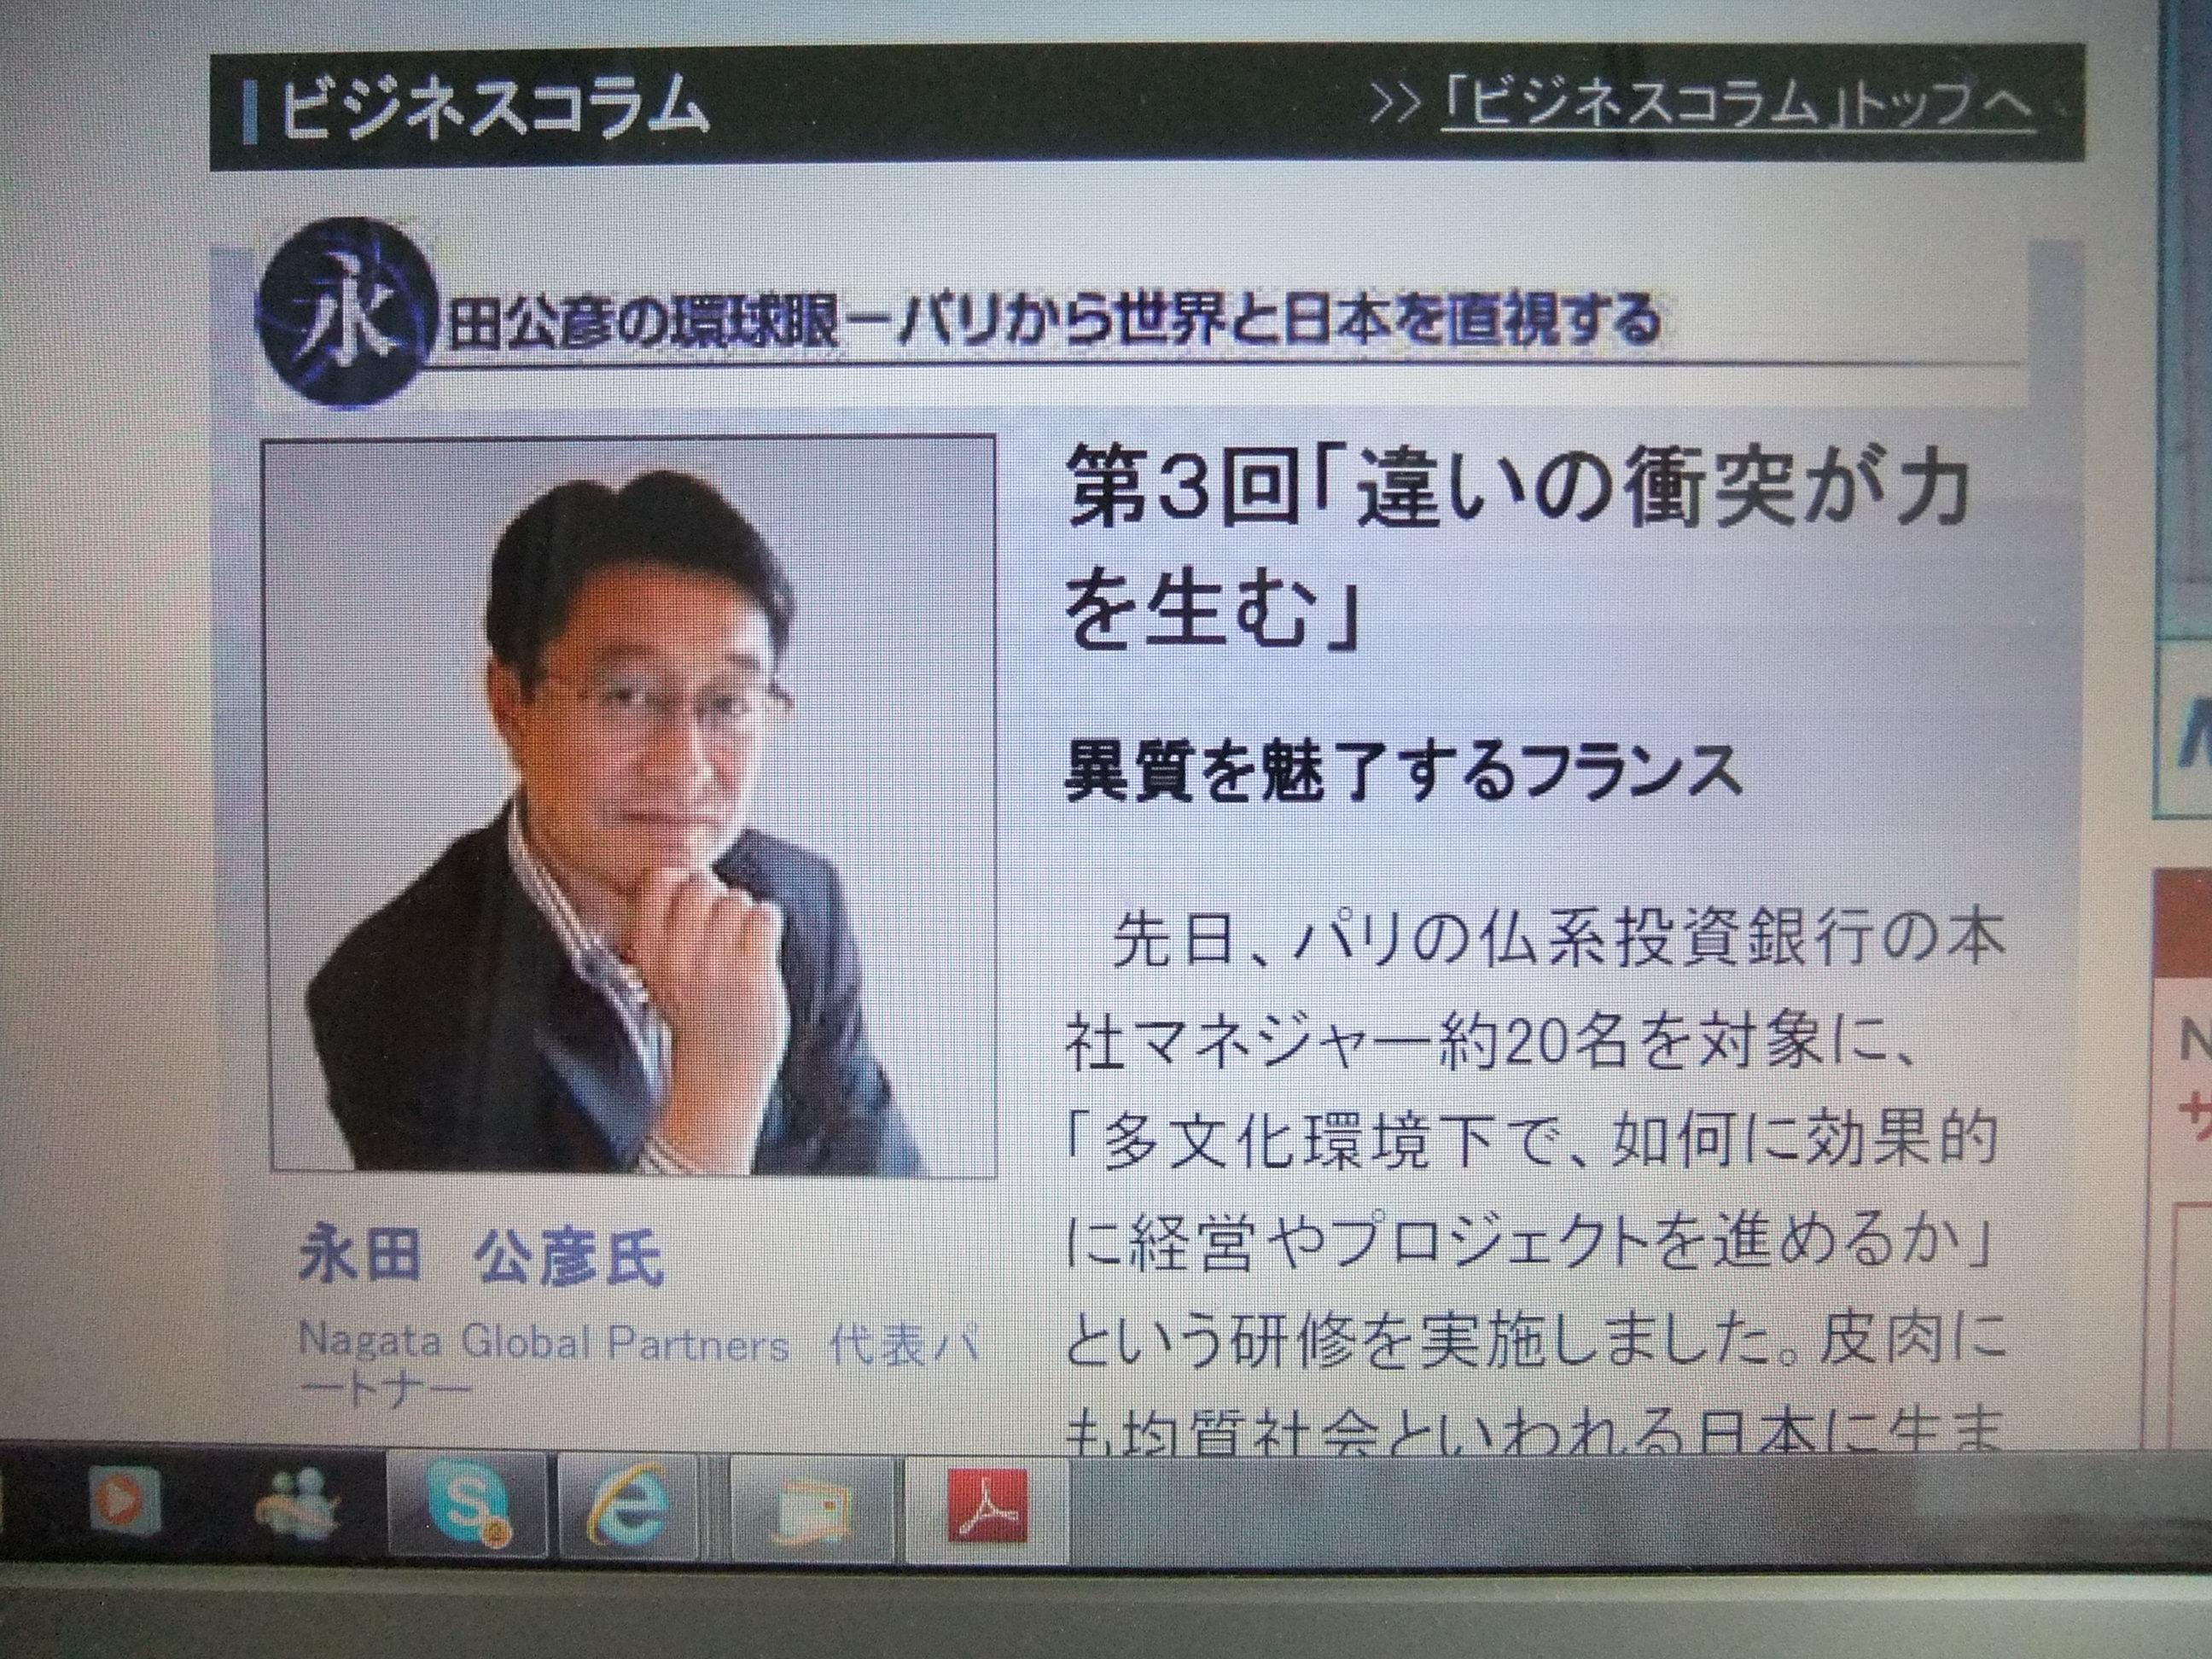 日経ネットコラム Nikkei Net column